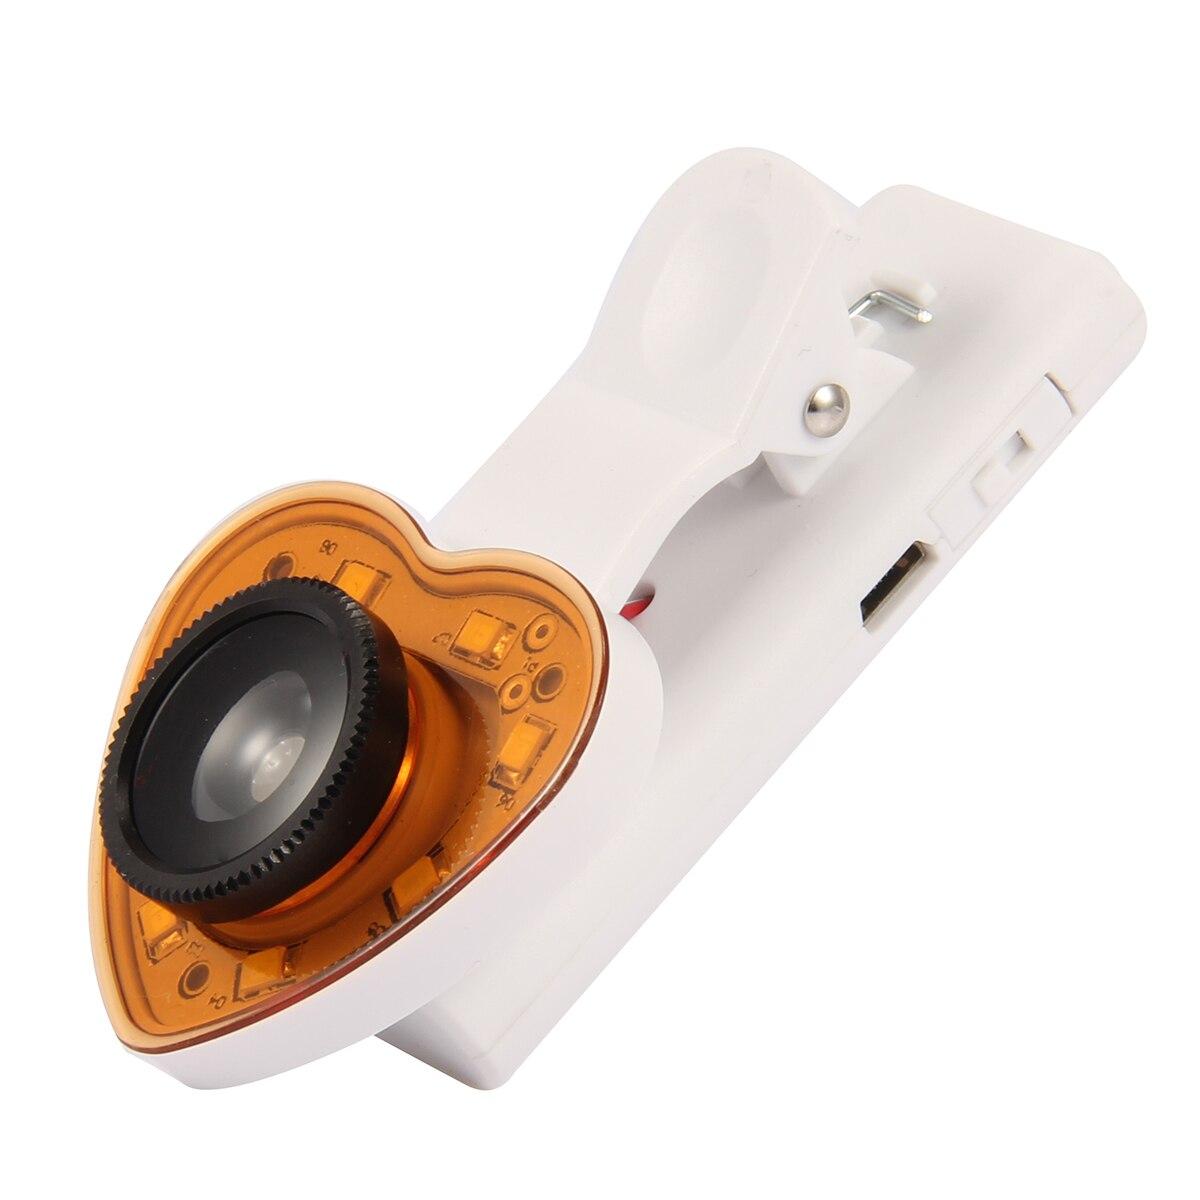 Clip 3 en 1 en la lente de la Cámara gran angular ojo de pez Macro con 8 LED Luz de relleno Selfie para teléfonos inteligentes